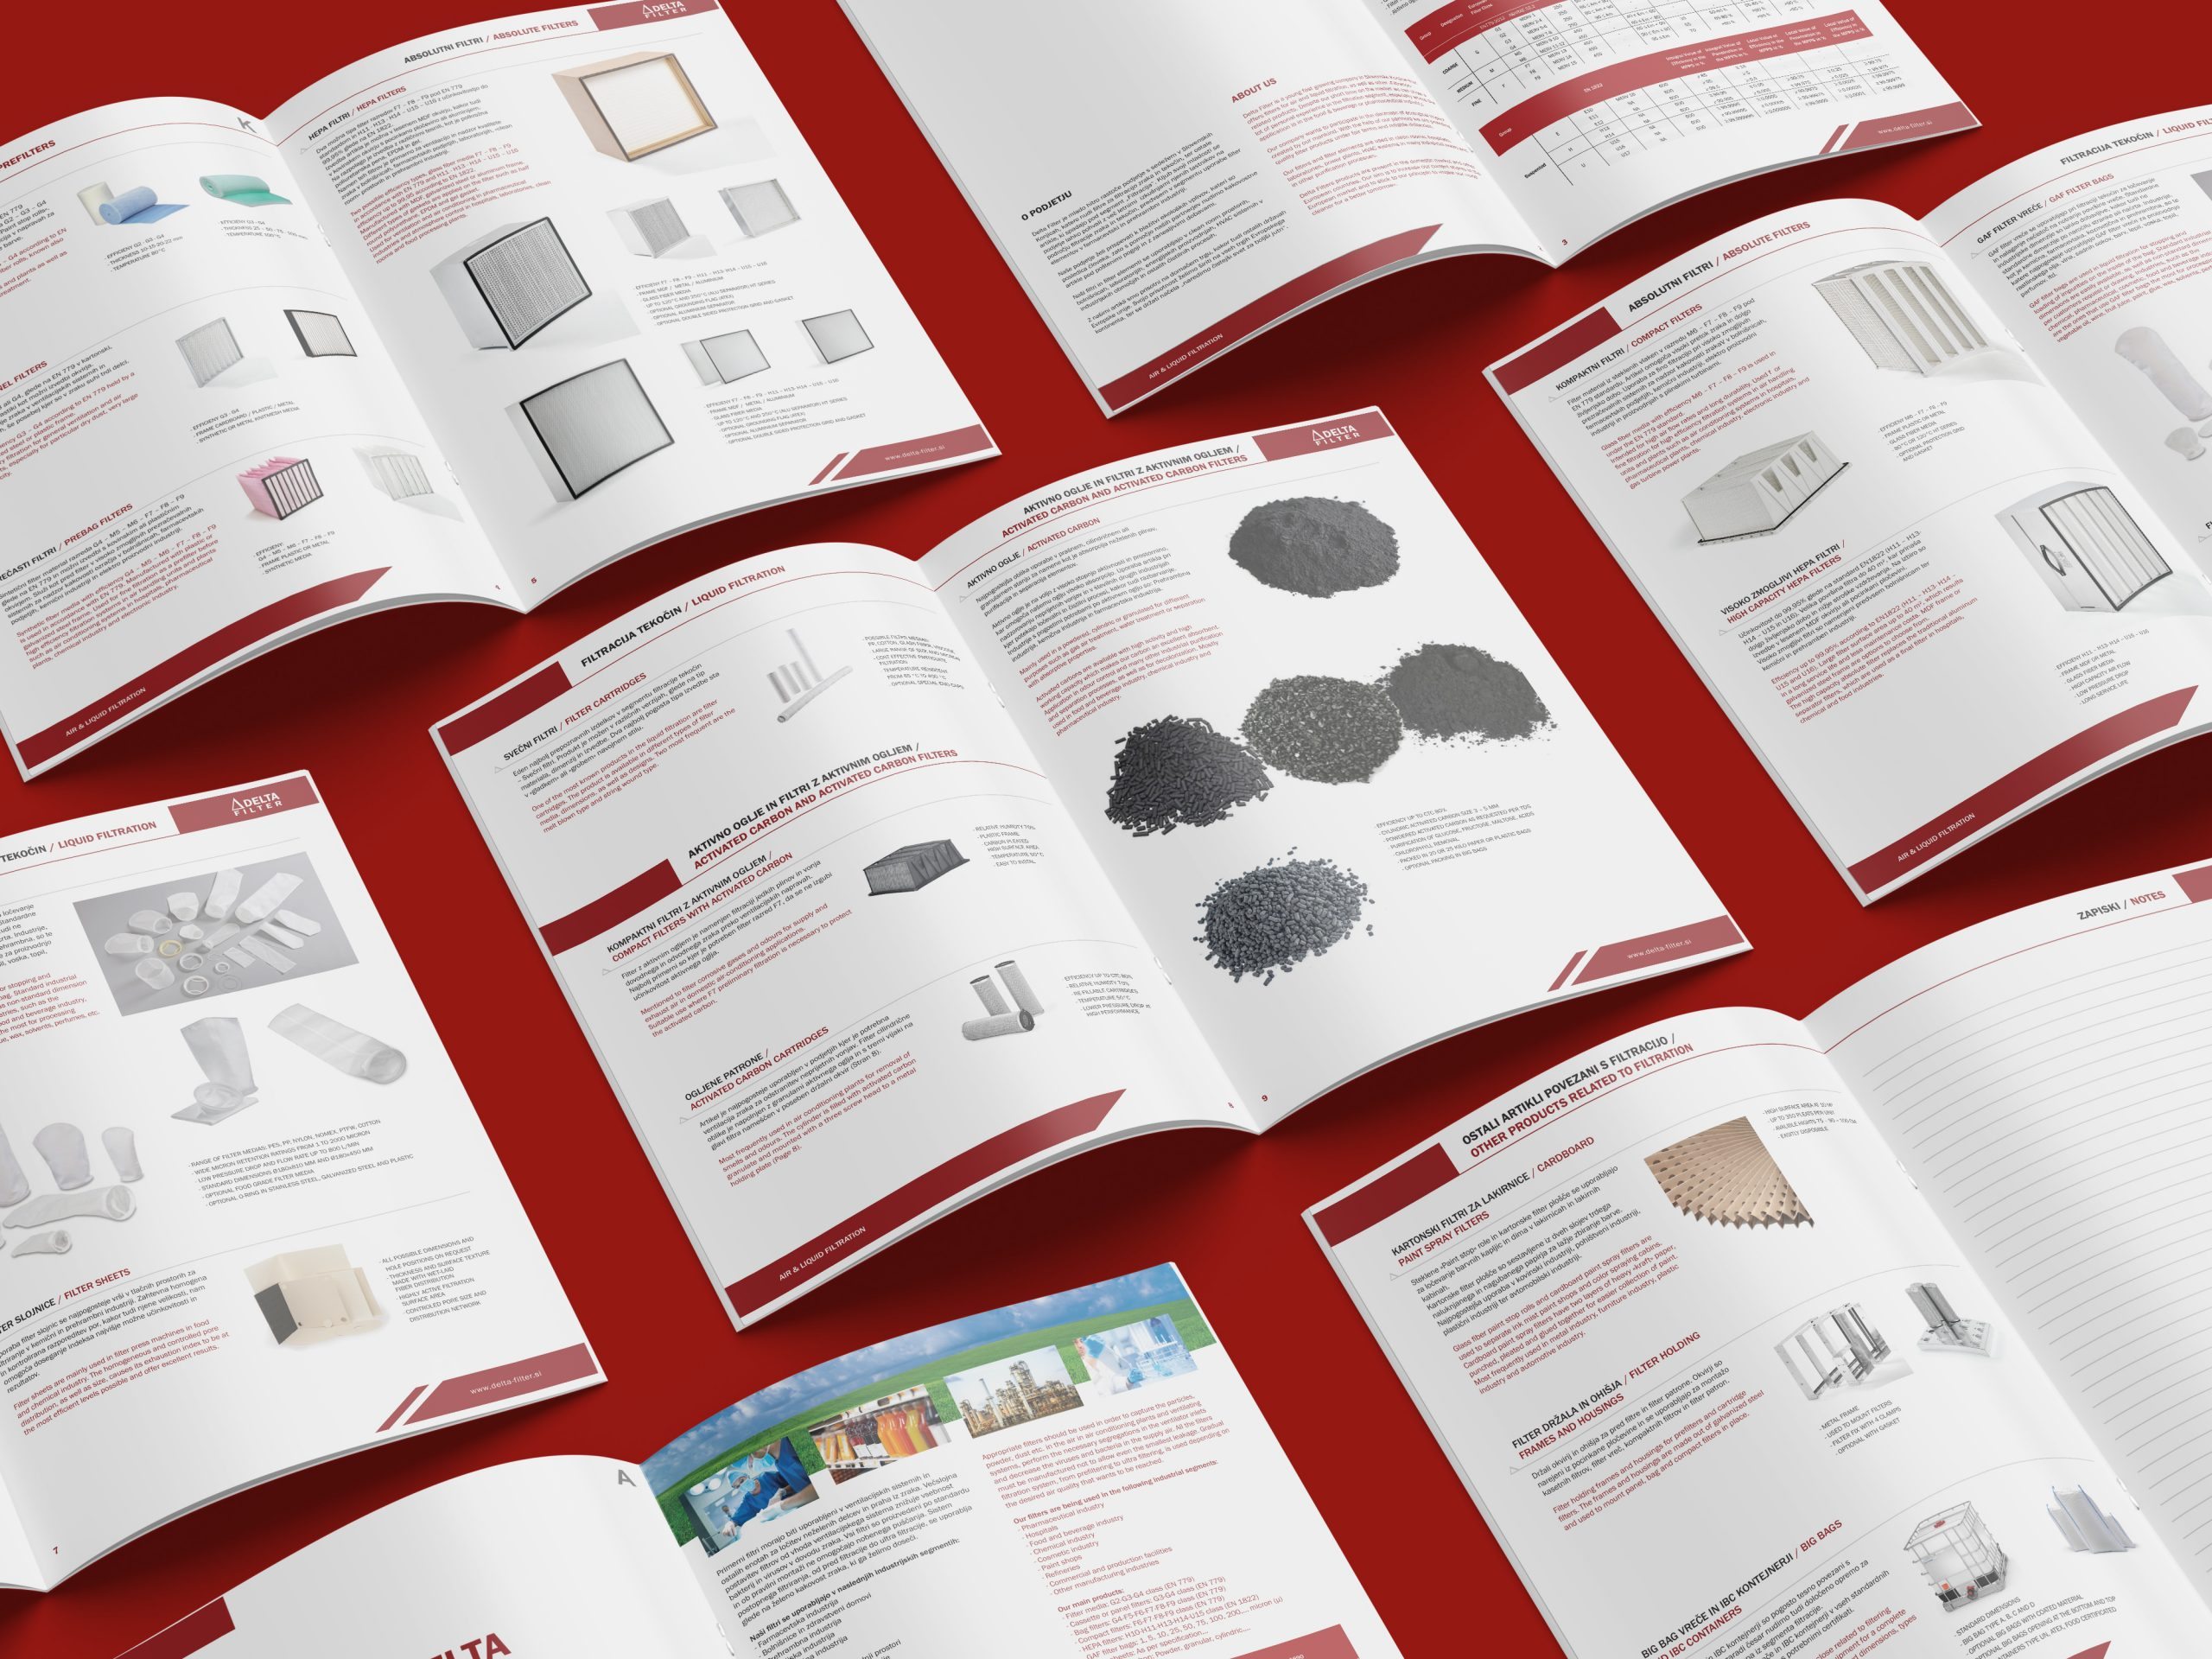 Oblikovanje kataloga izdelkov za podjetje Delta Filters